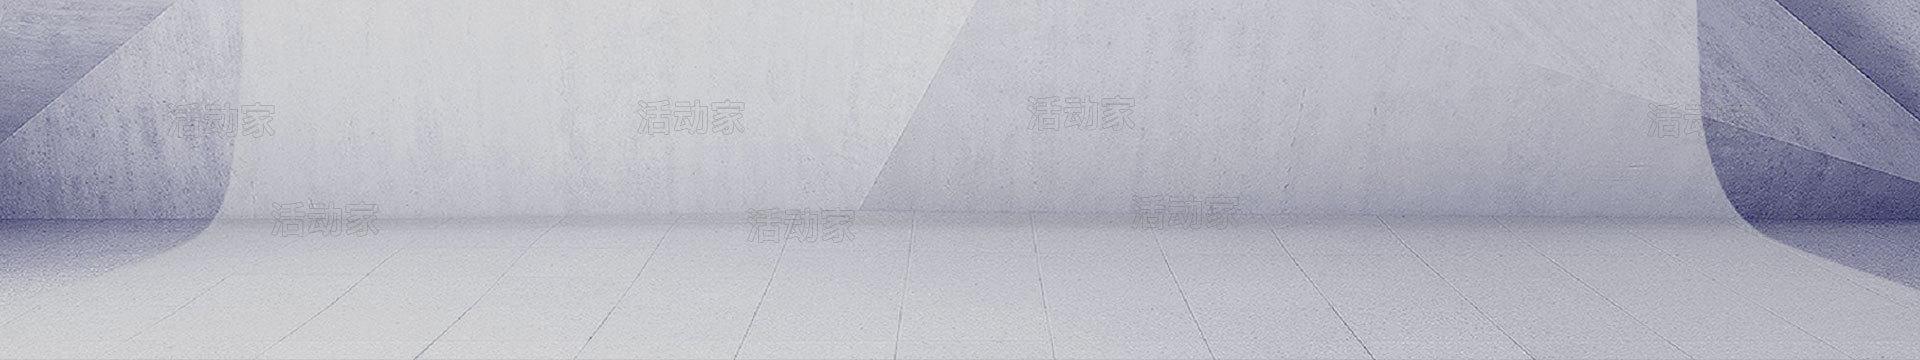 2019 走进云南白药、红塔、褚橙商务考察-学习云南企业的匠人精神